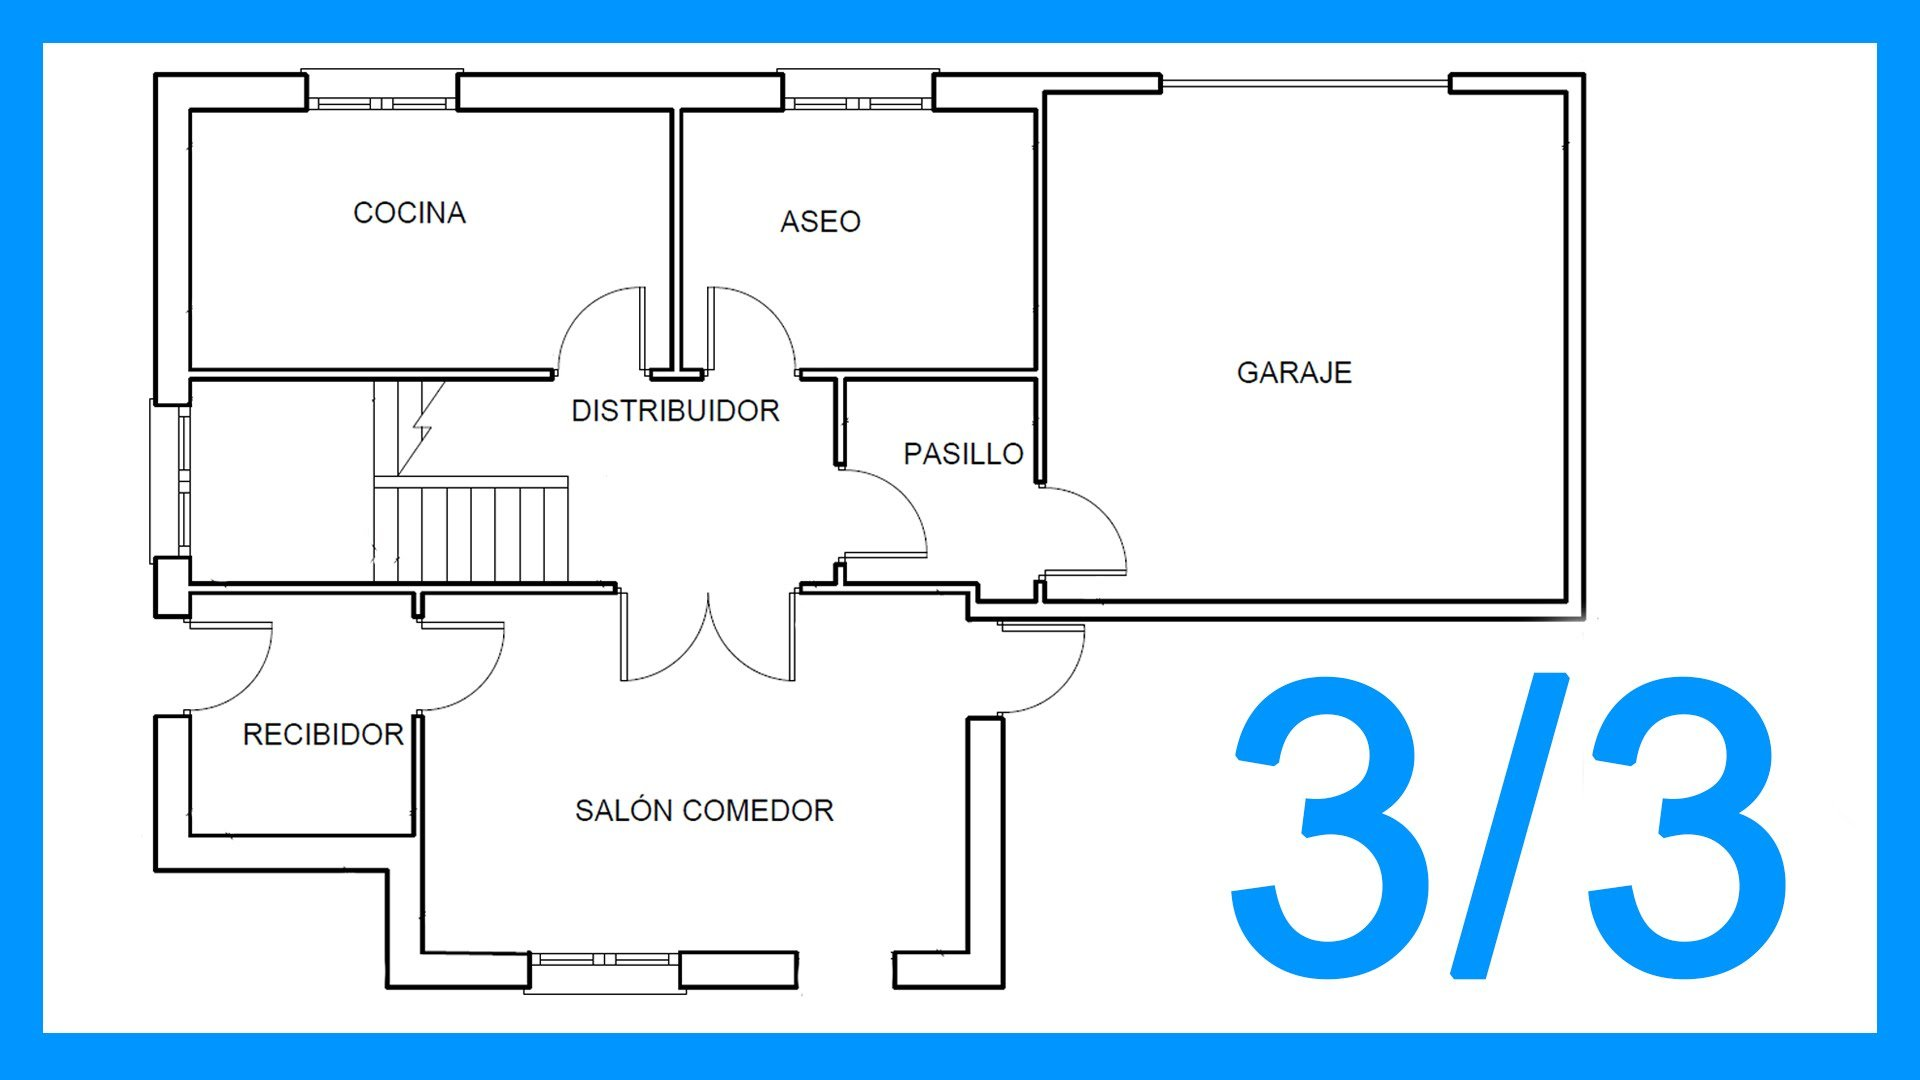 Autocad – 3/3 Dibujar el plano de una casa paso a paso en Autocad.